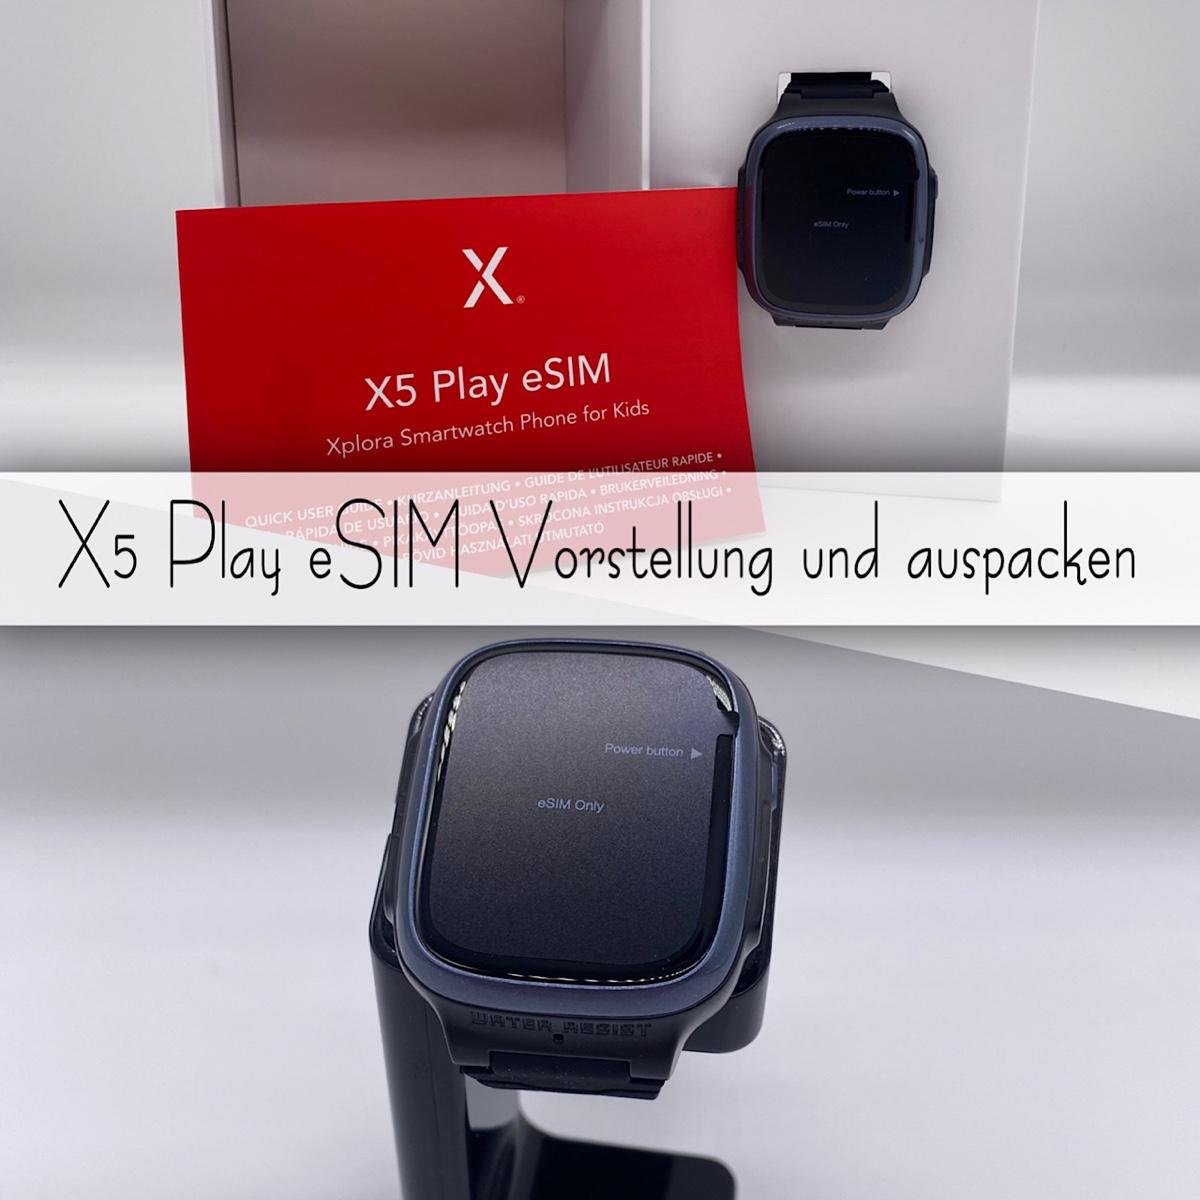 Xplora X5 Play eSIM Kinder Smartwatch Vorstellung und Auspacken